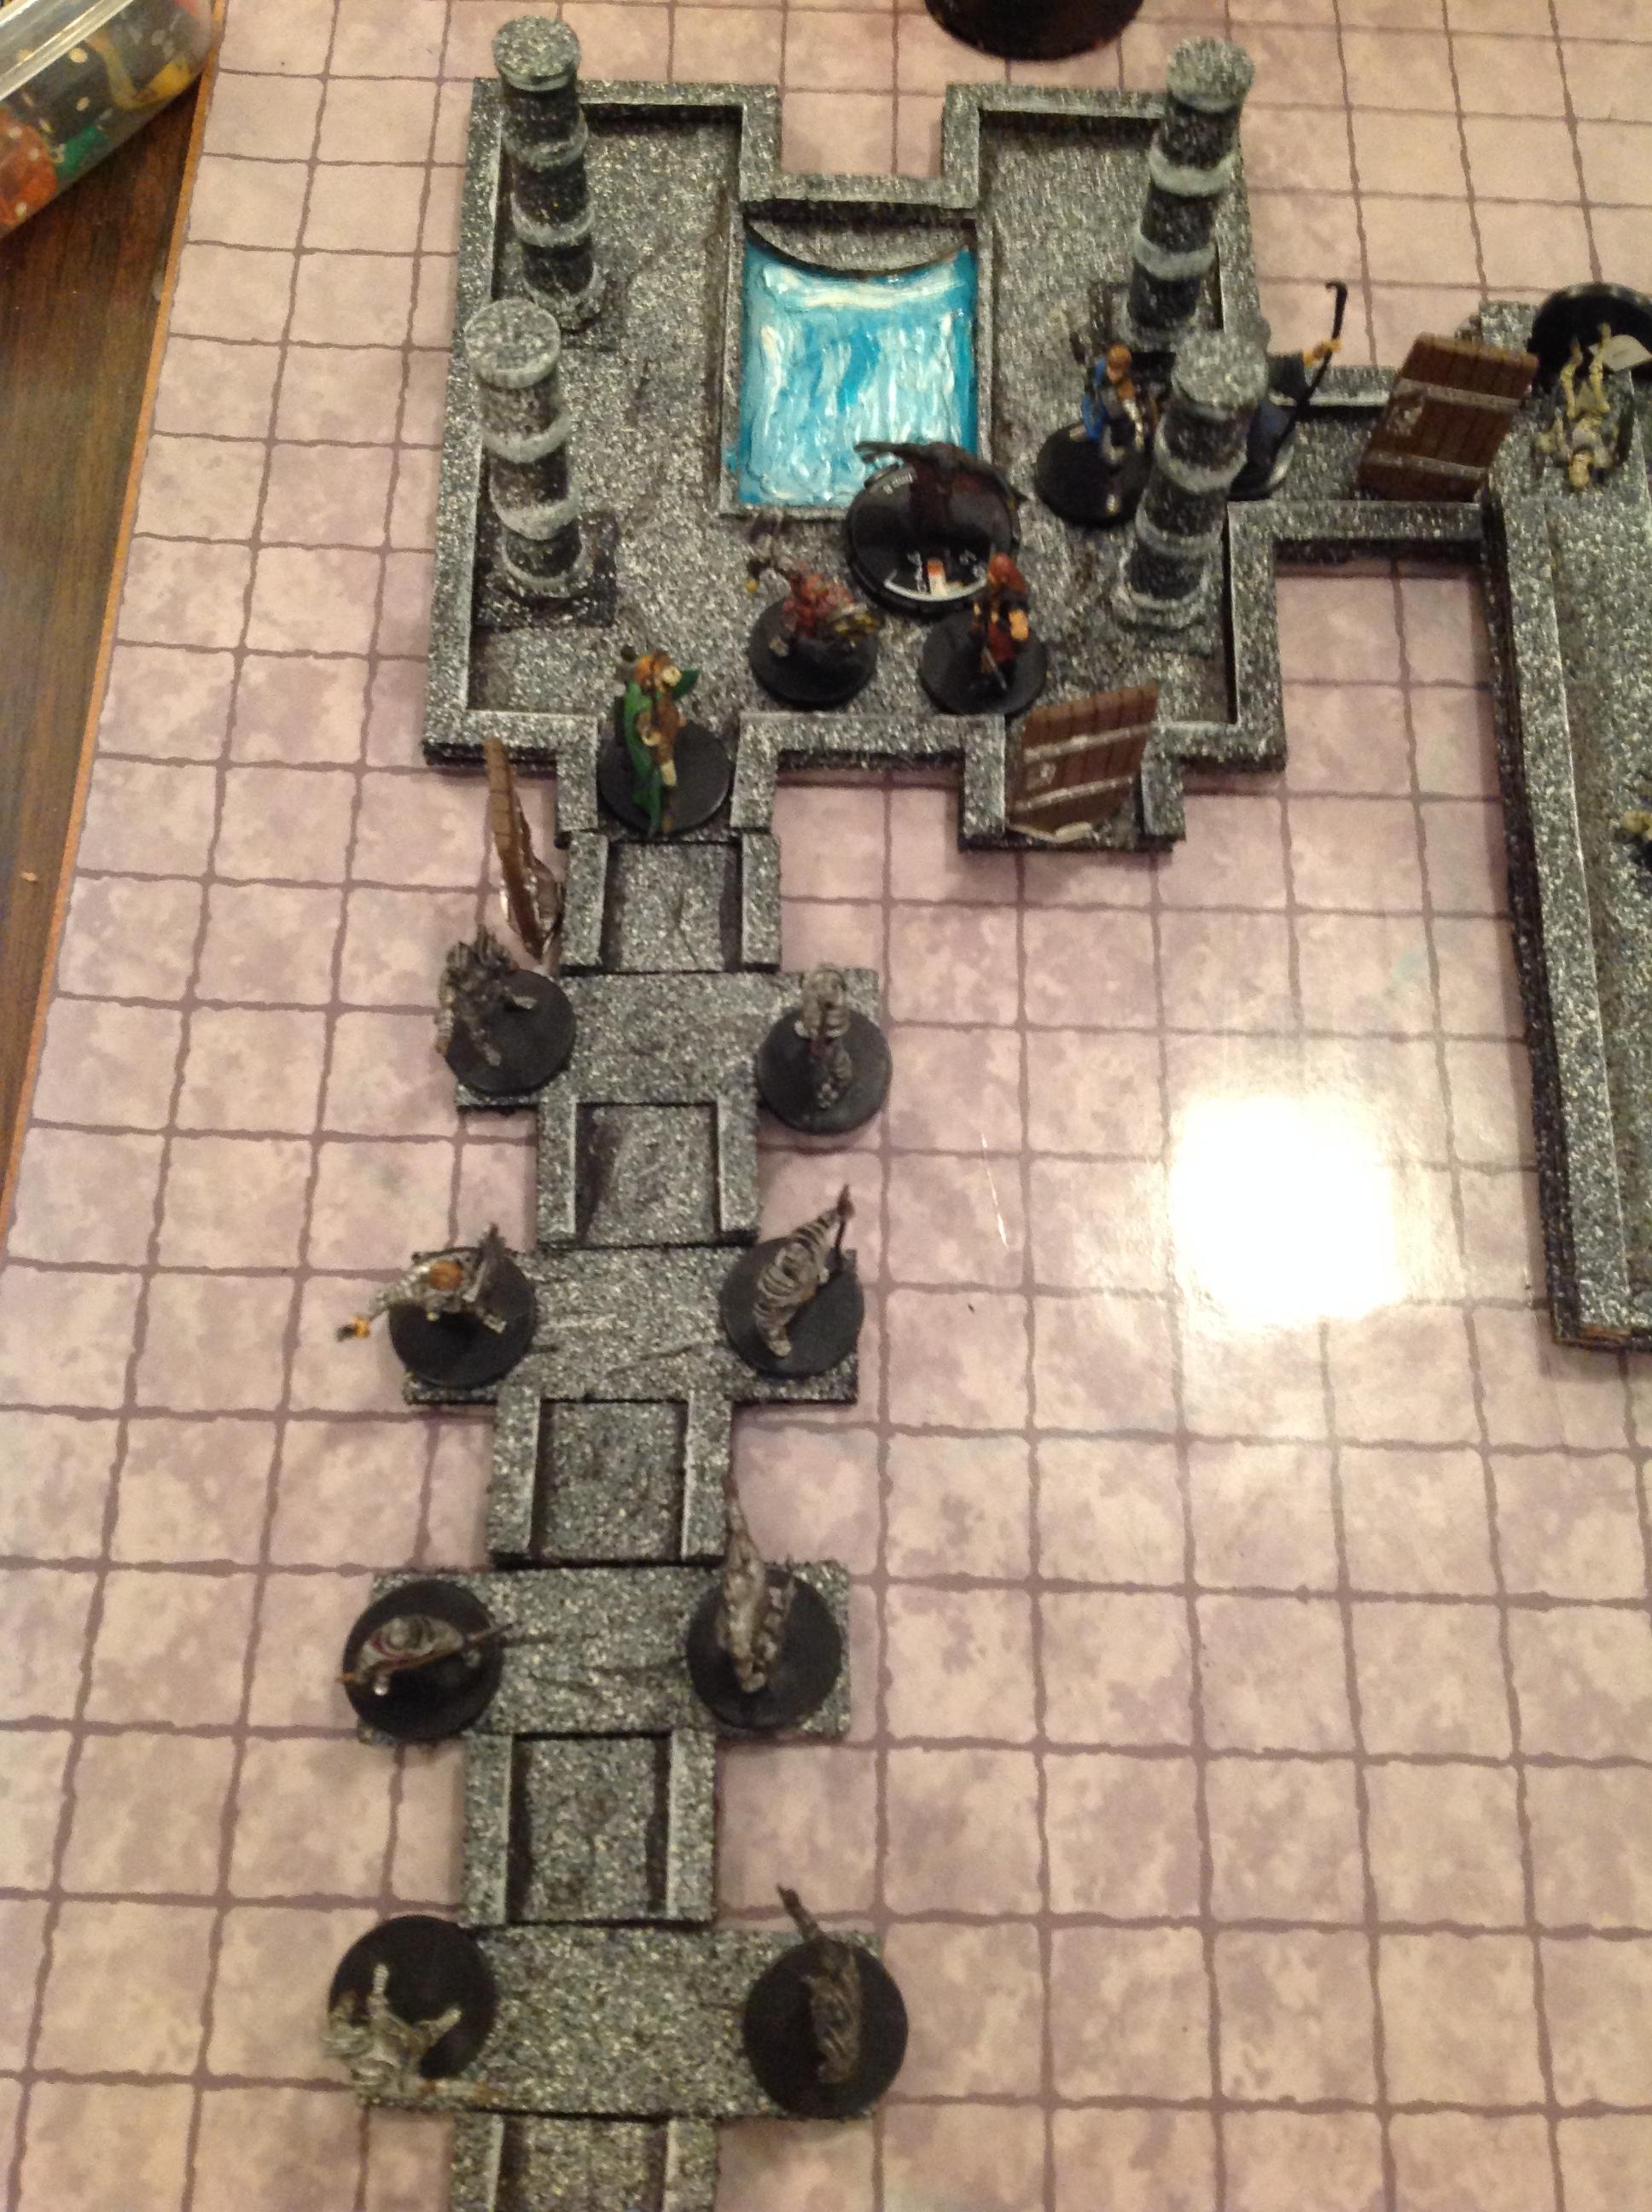 Cool battle map/terrain set-ups - Page 6